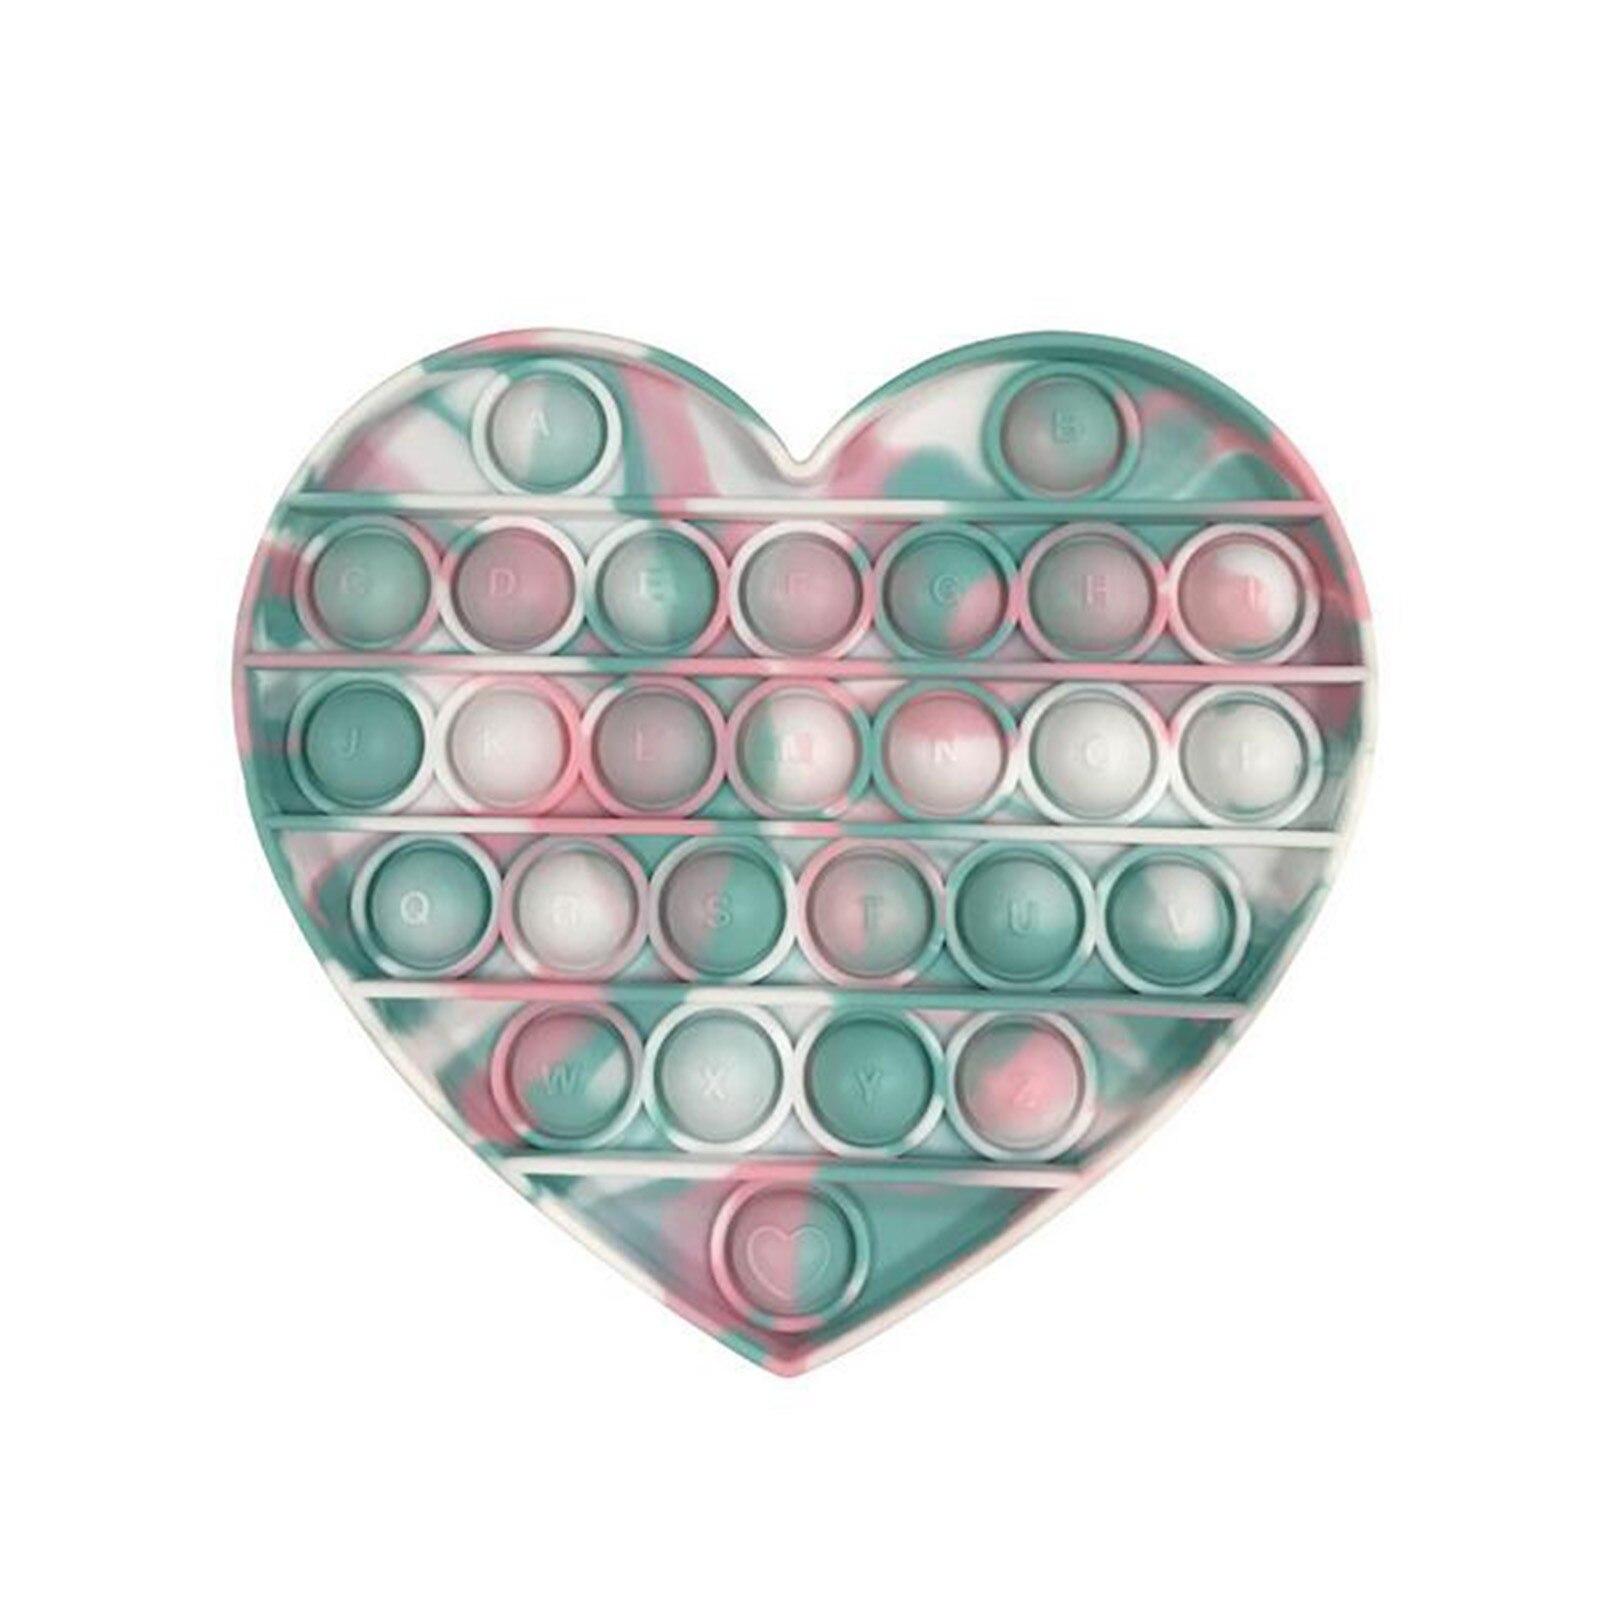 Funny Popit Fidget Toy Antistress Toys For Adult Children Push Bubble Fidget Sensory Squishy Jouet Pour Autiste ??????????* img4